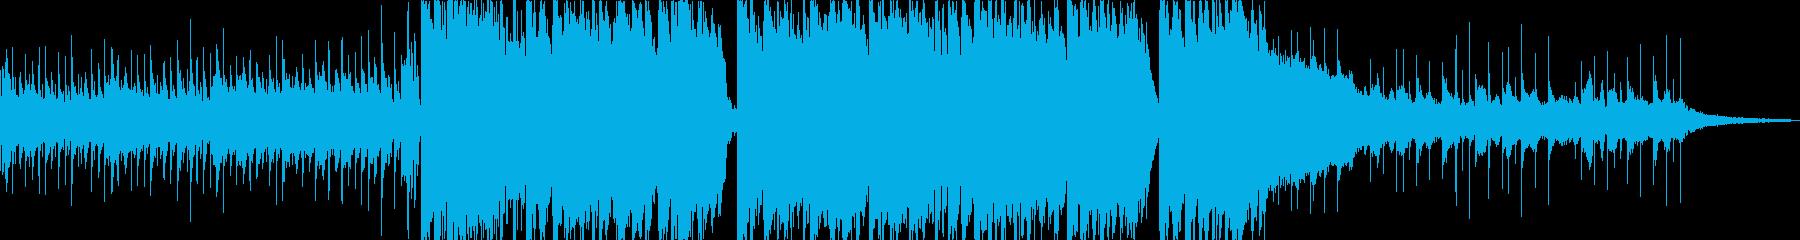 ゲーム実況のエンディングに最適なEDMの再生済みの波形